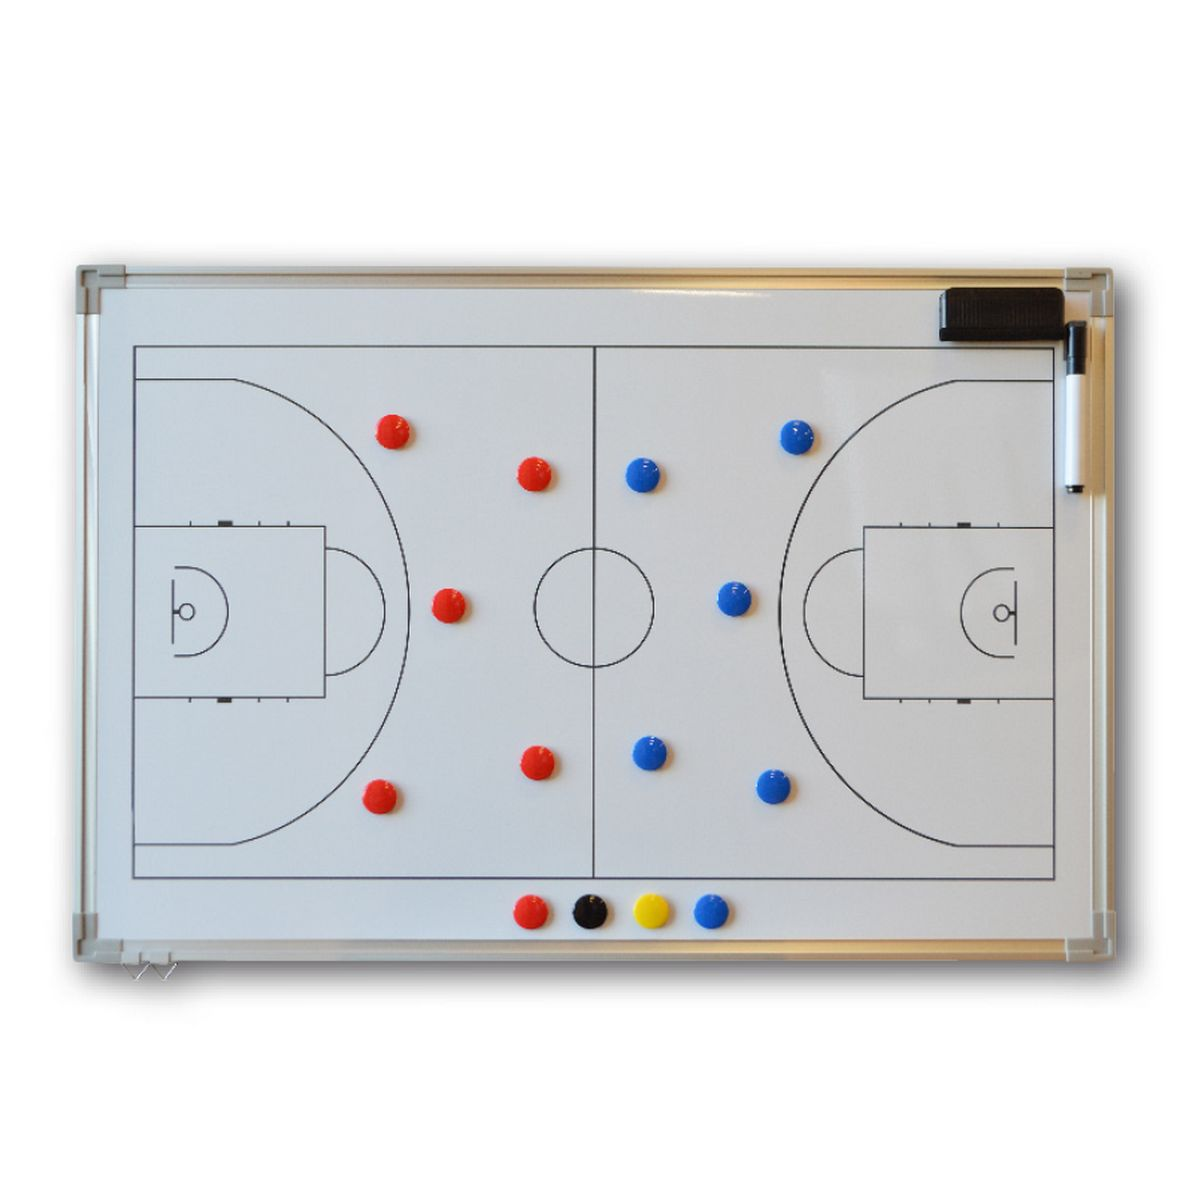 GRAND TABLEAU RECTO-VERSO 60x90cm - BASKET